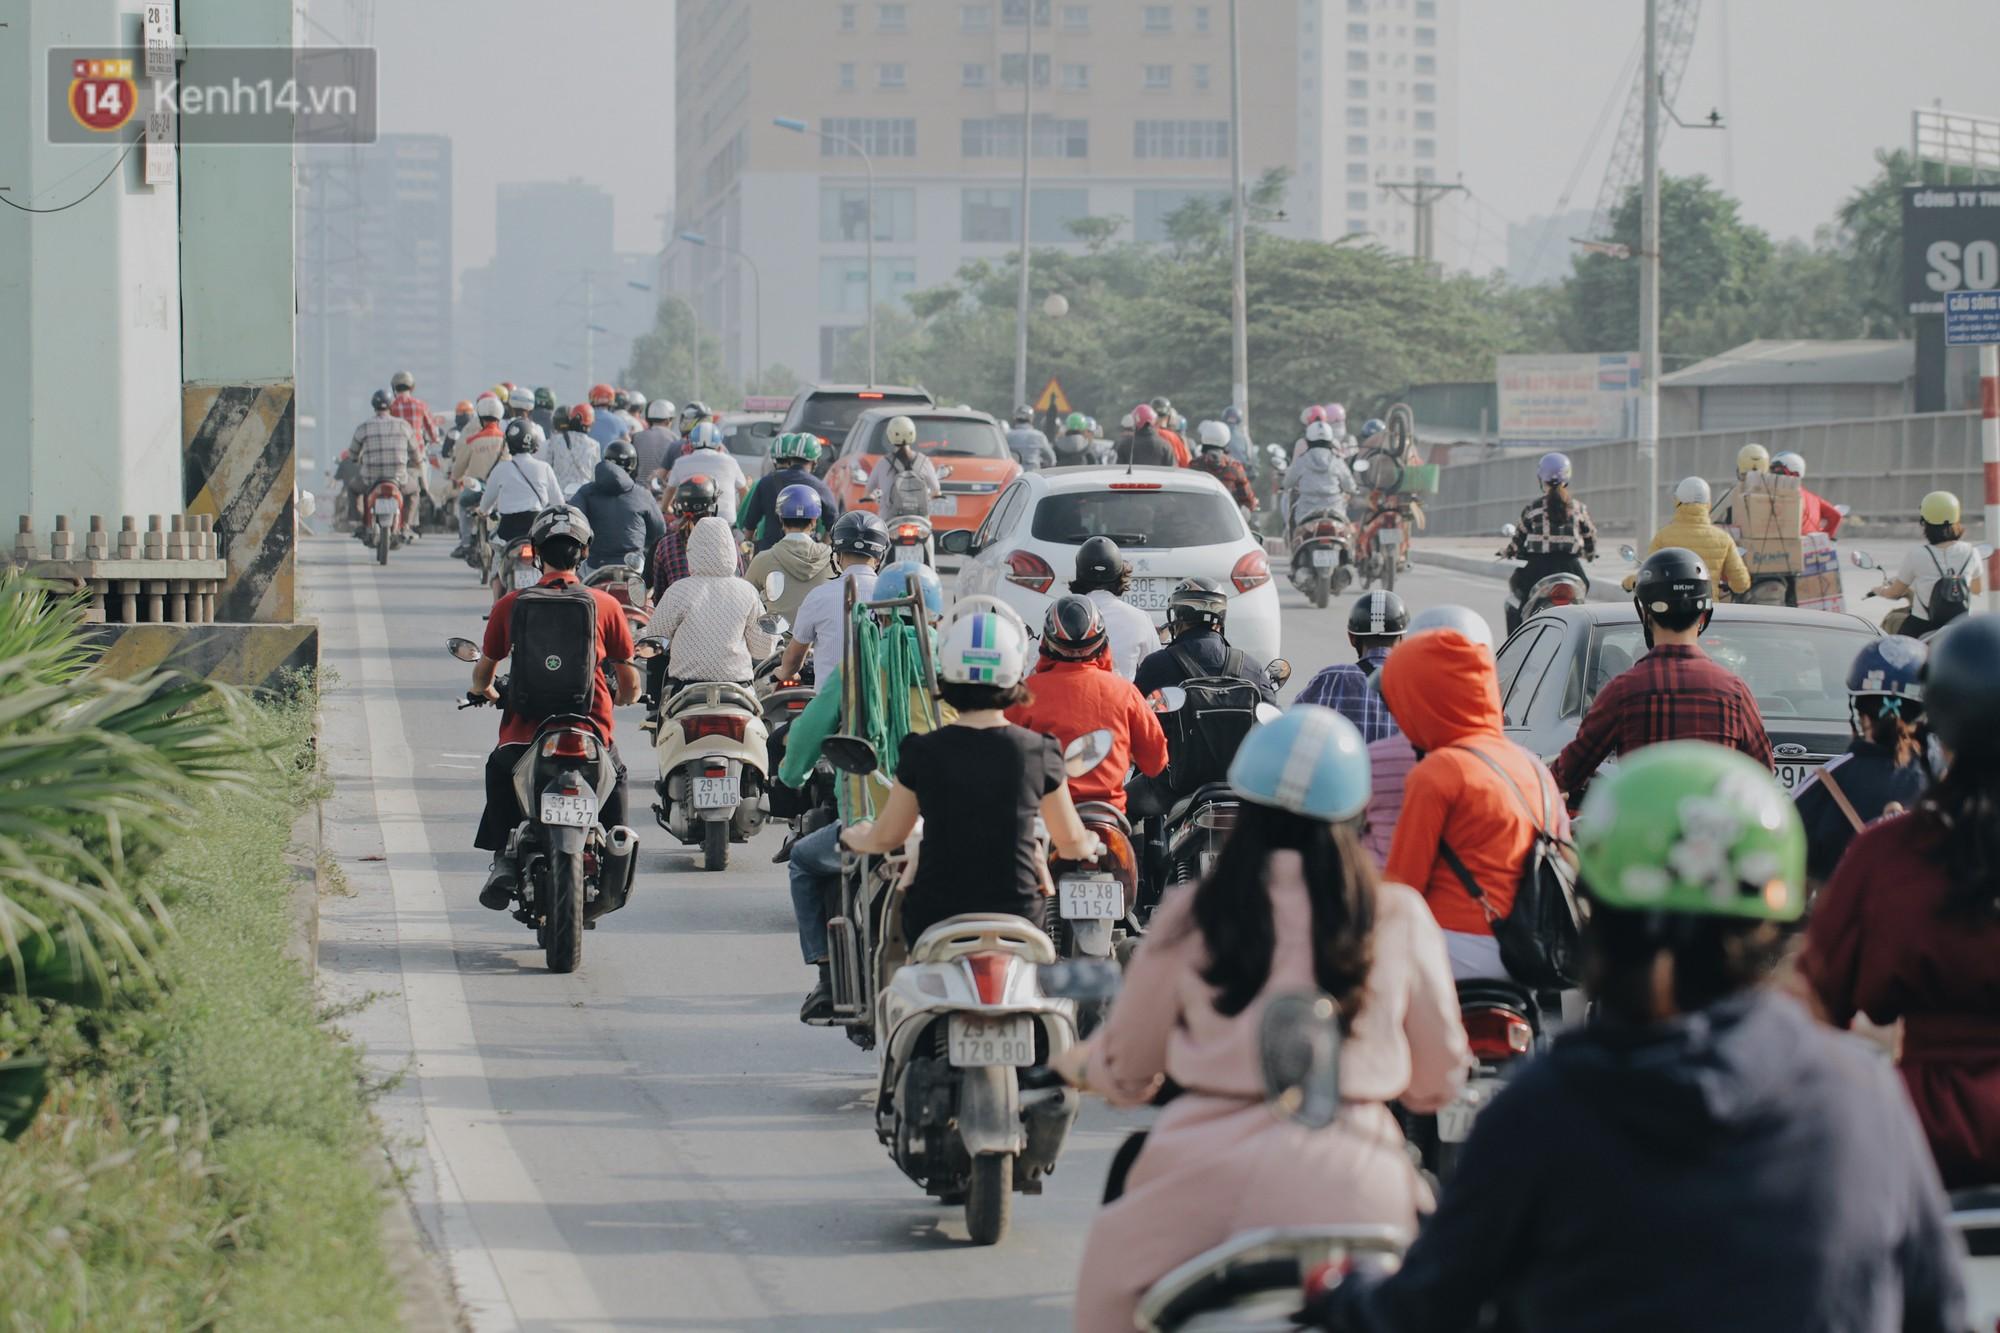 Hàng trăm người dắt xe máy ngược chiều trên vỉa hè: Dù biết là sai và đẩy như vậy mệt lắm nhưng cực chẳng đã... - Ảnh 2.